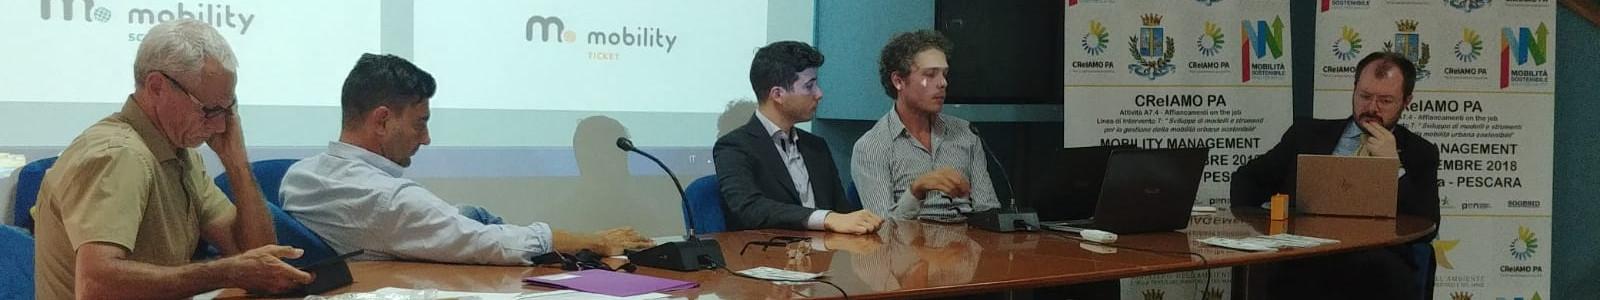 CReIAMO-PA: la scuola come attrattore di traffico e il mobility manager scolastico